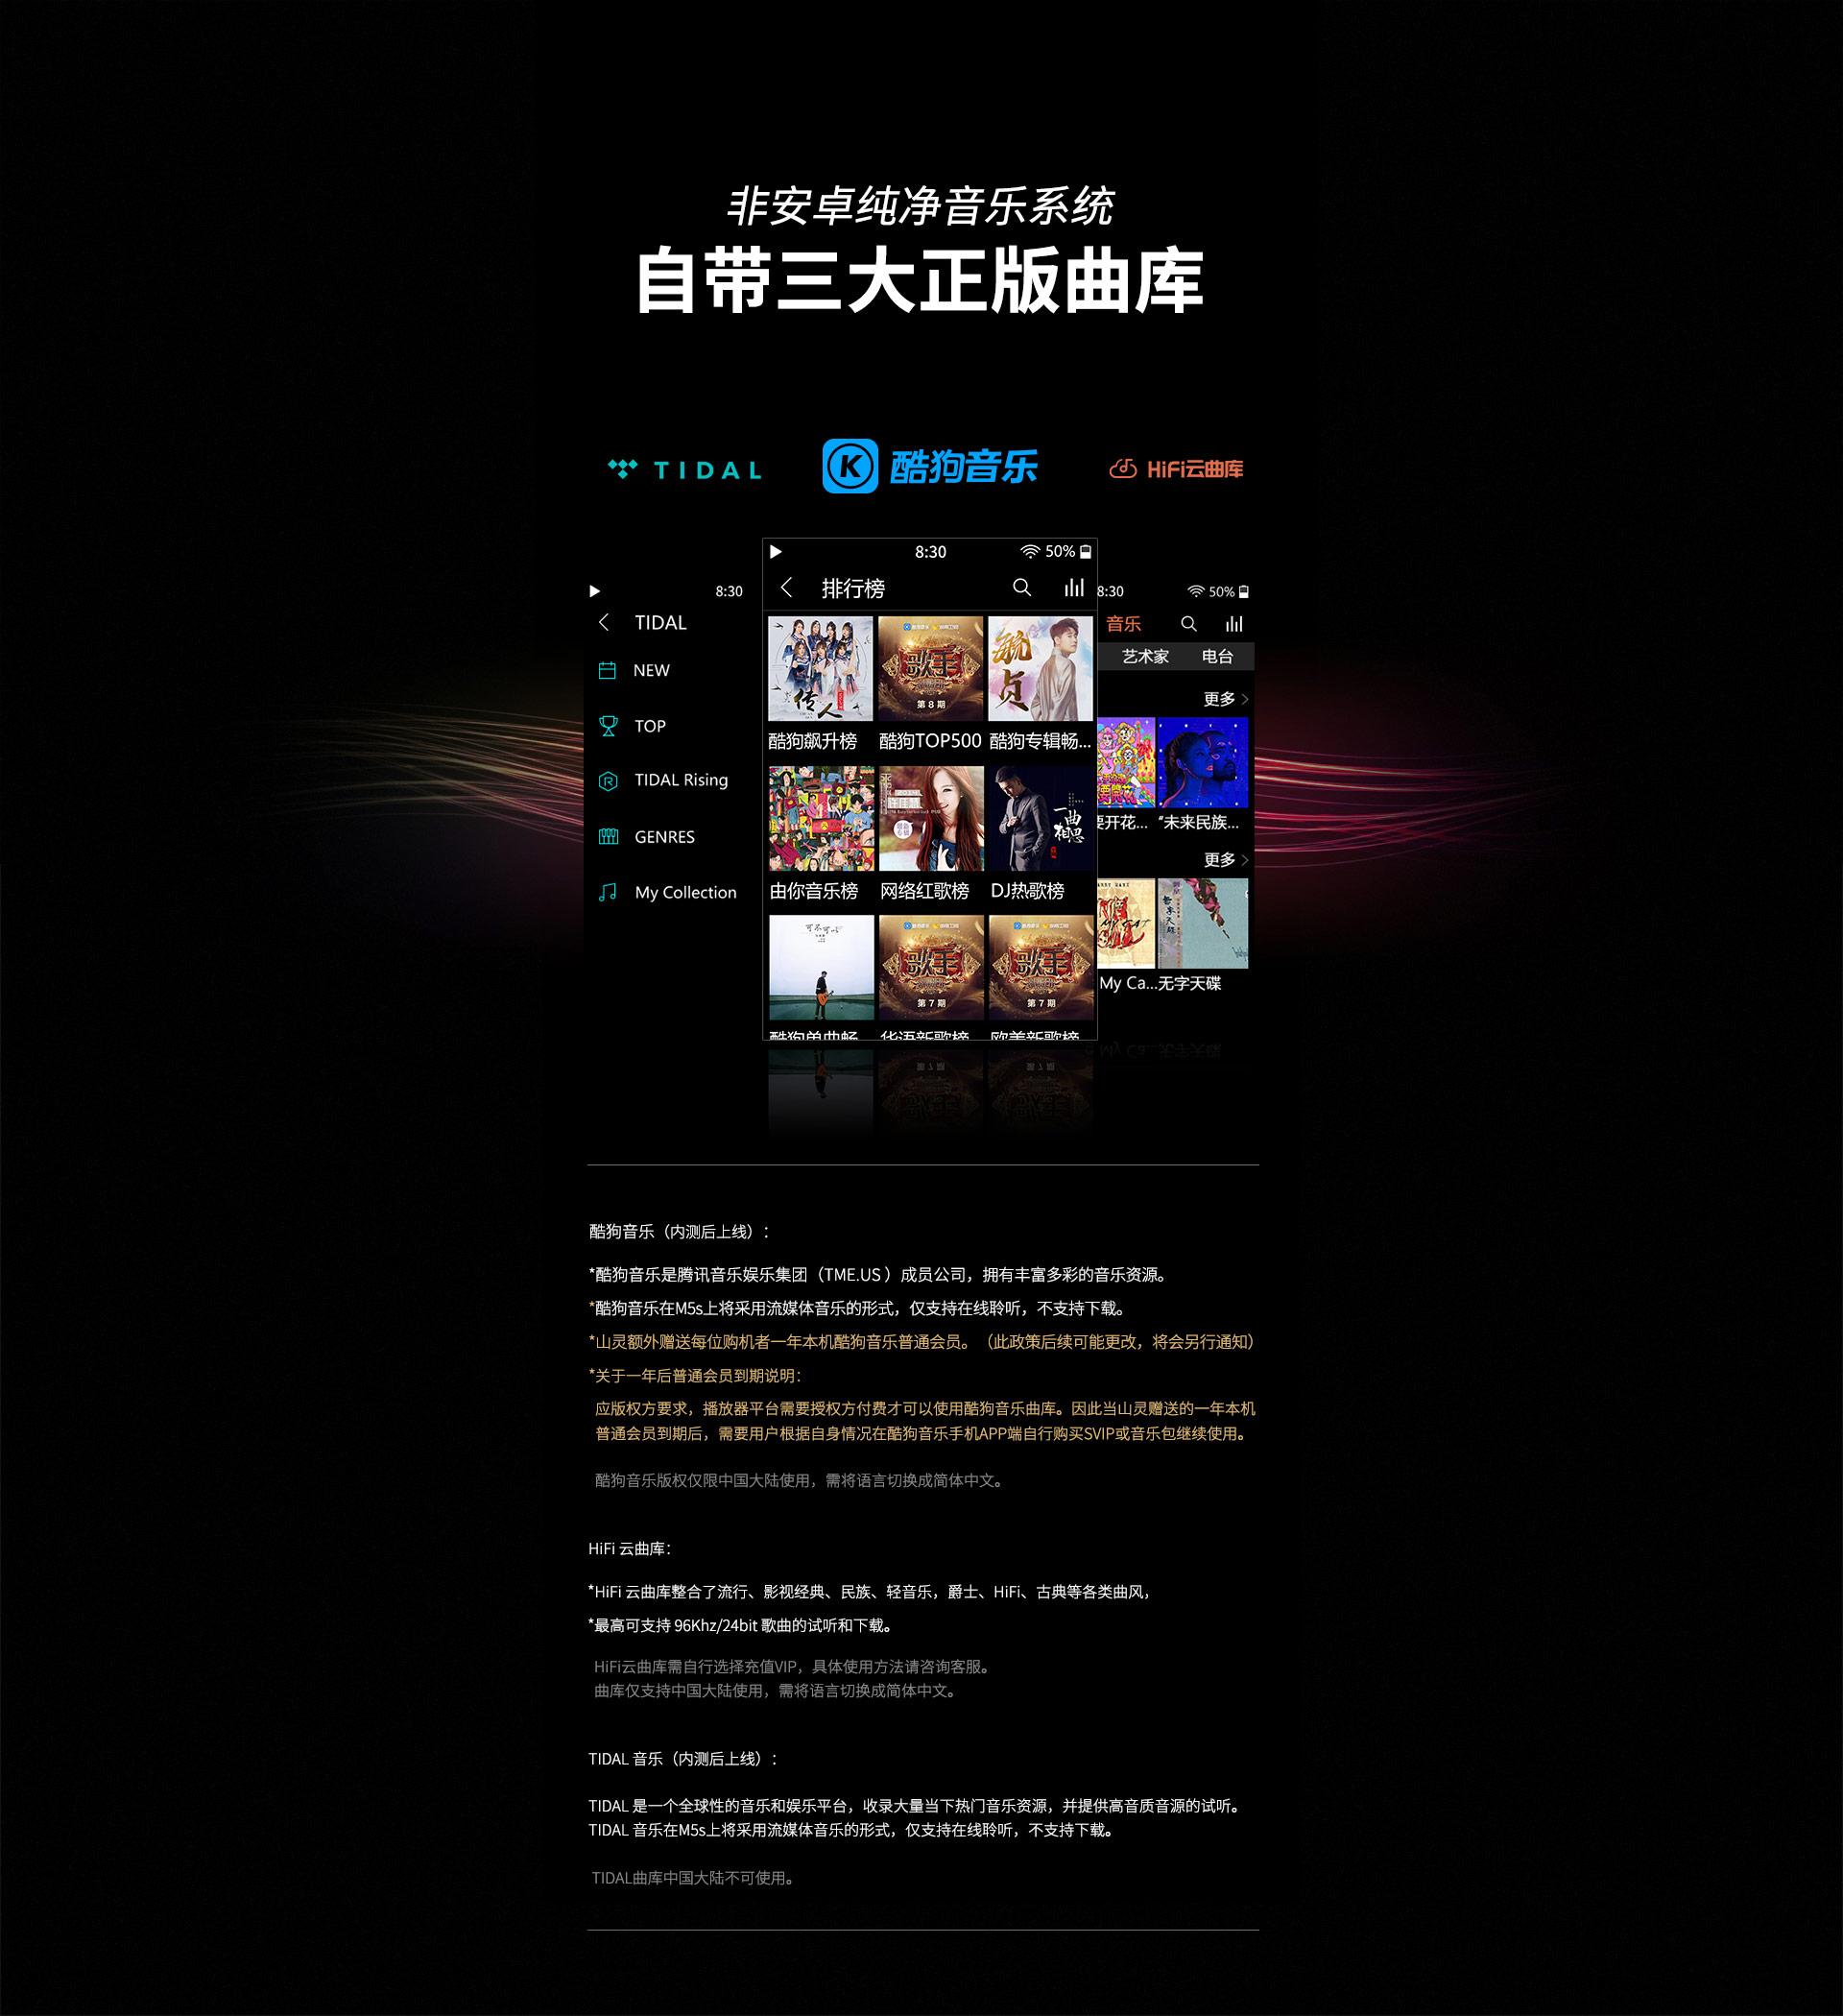 官网-曲库01(1).jpg